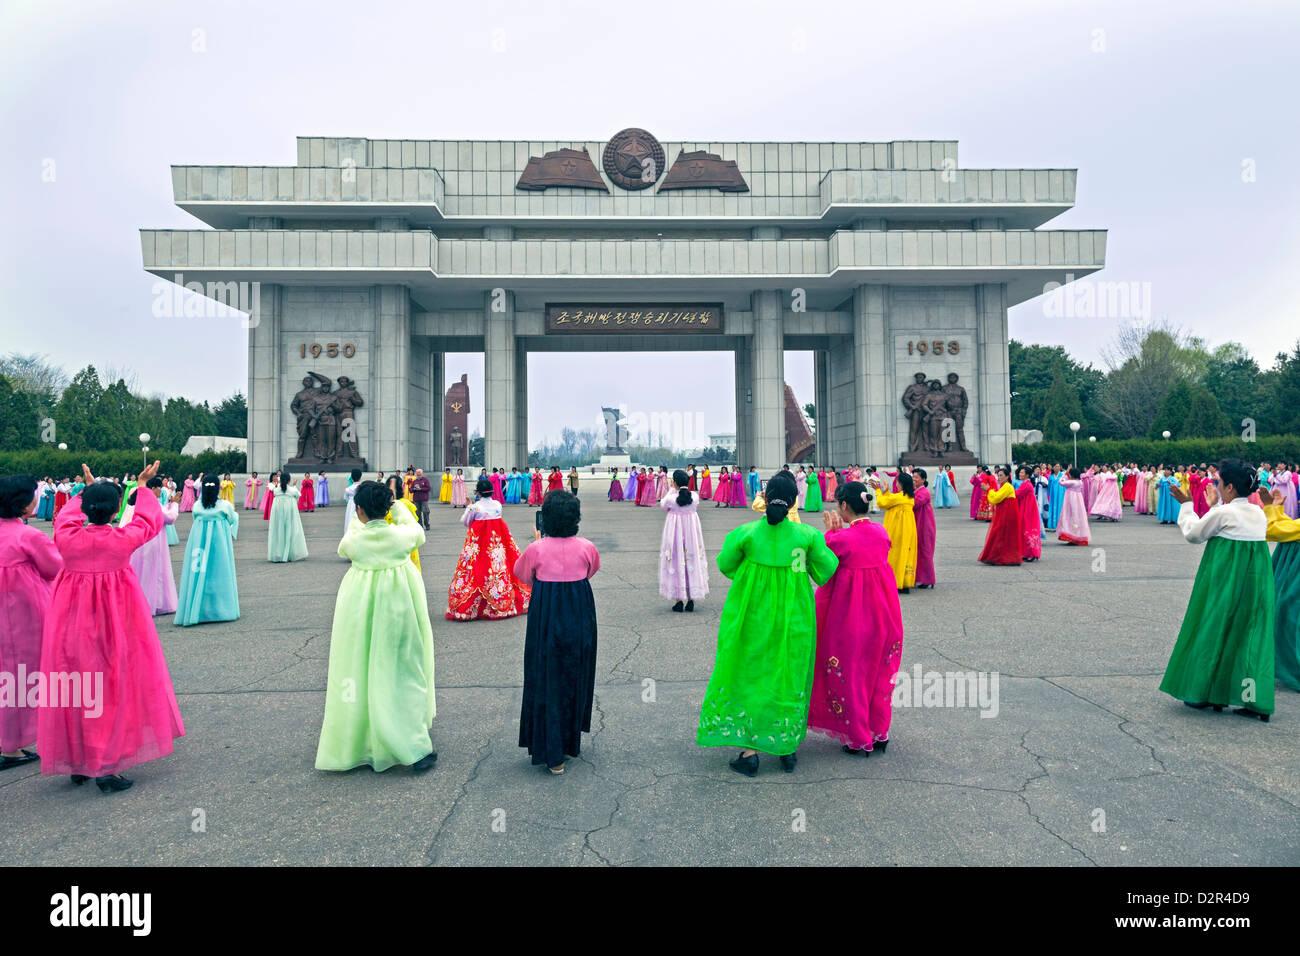 Le donne in variopinti abiti tradizionali a messa a ballare, Pyongyang, Corea del Nord Immagini Stock